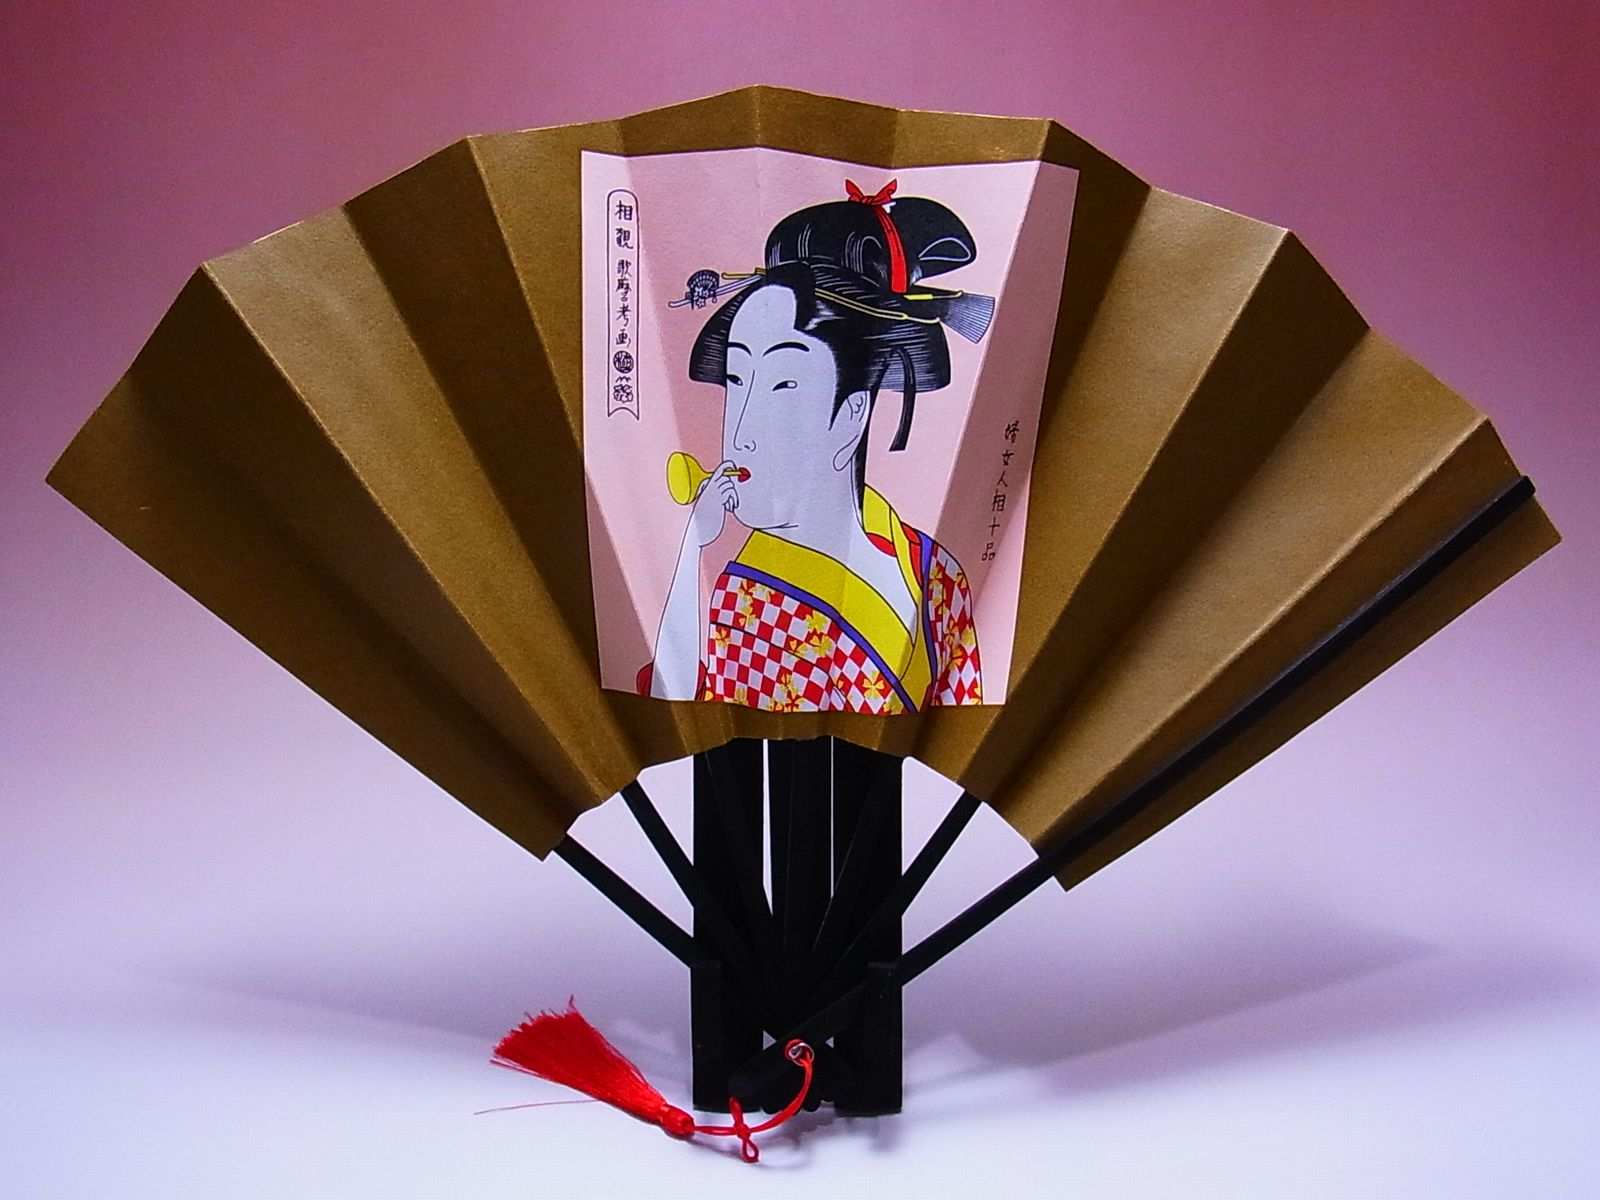 日本のおみやげ メーカー公式ショップ ホームステイのお土産 評判 海外の友人へのプレゼント 外国人へのギフト 海外出張の手土産 外国人が喜ぶ日本土産 浮世絵飾り扇子セット 数量限定販売絵柄は全部で7種類あります 訳あり大特価 ビードロ